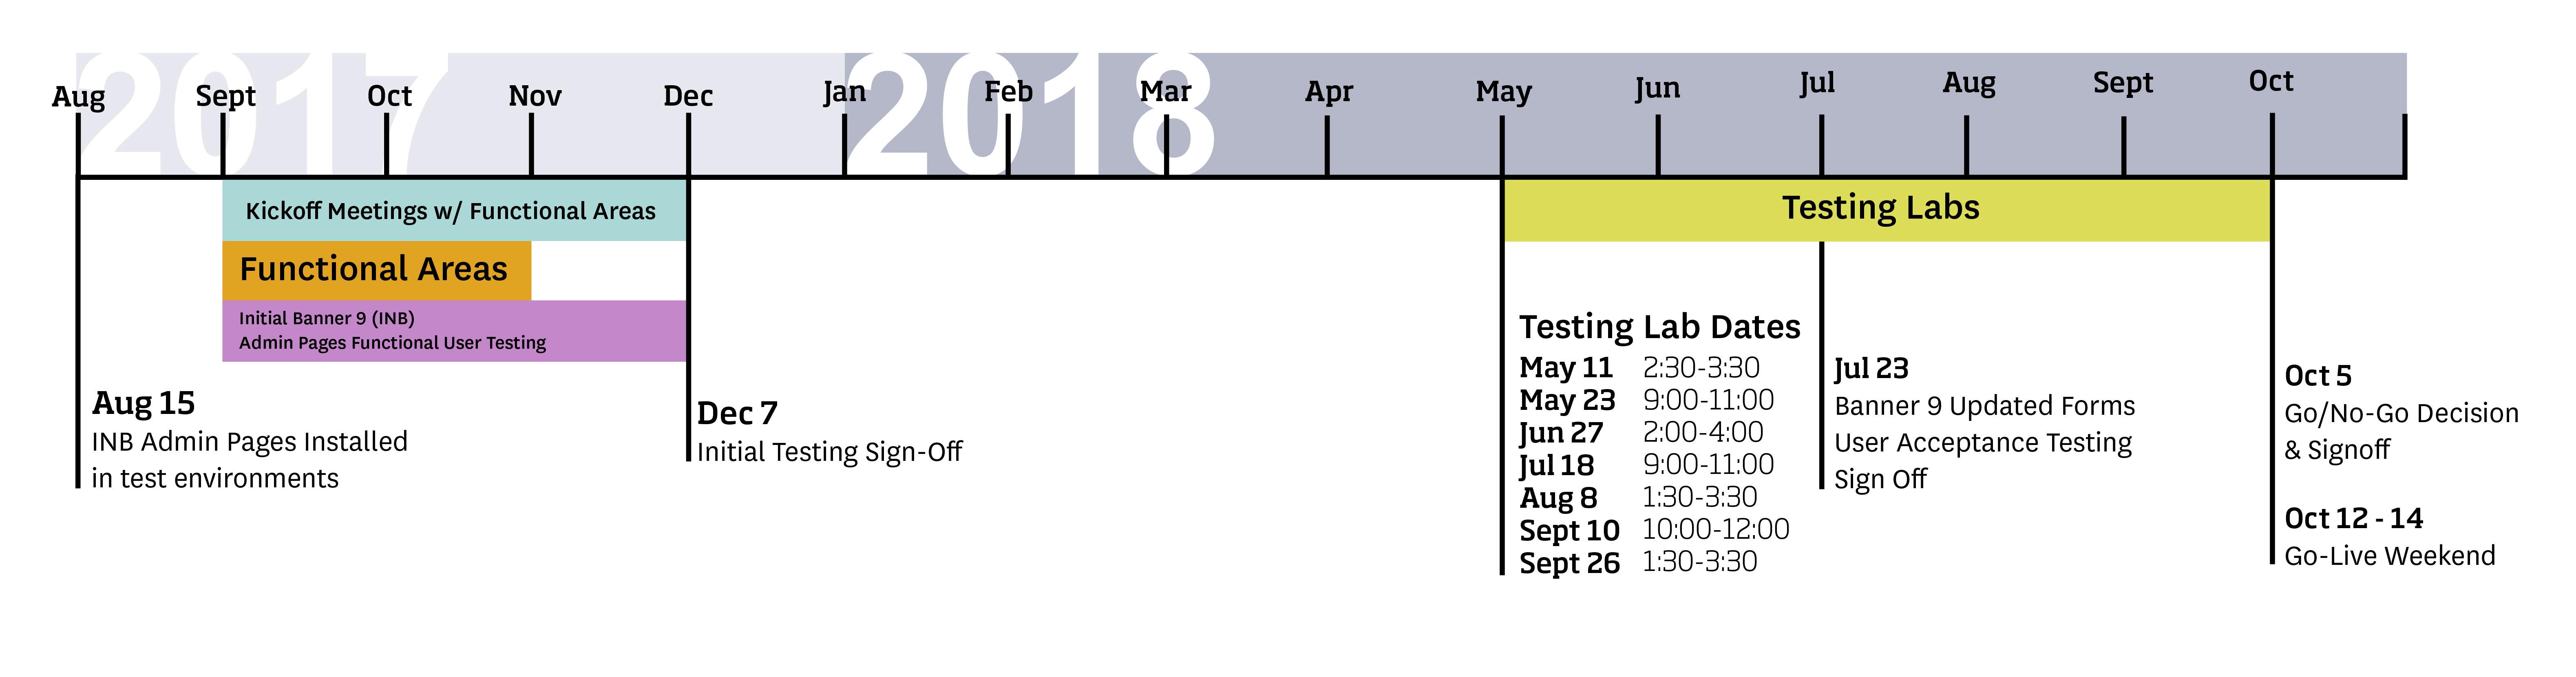 Banner 9 Upgrade Timeline